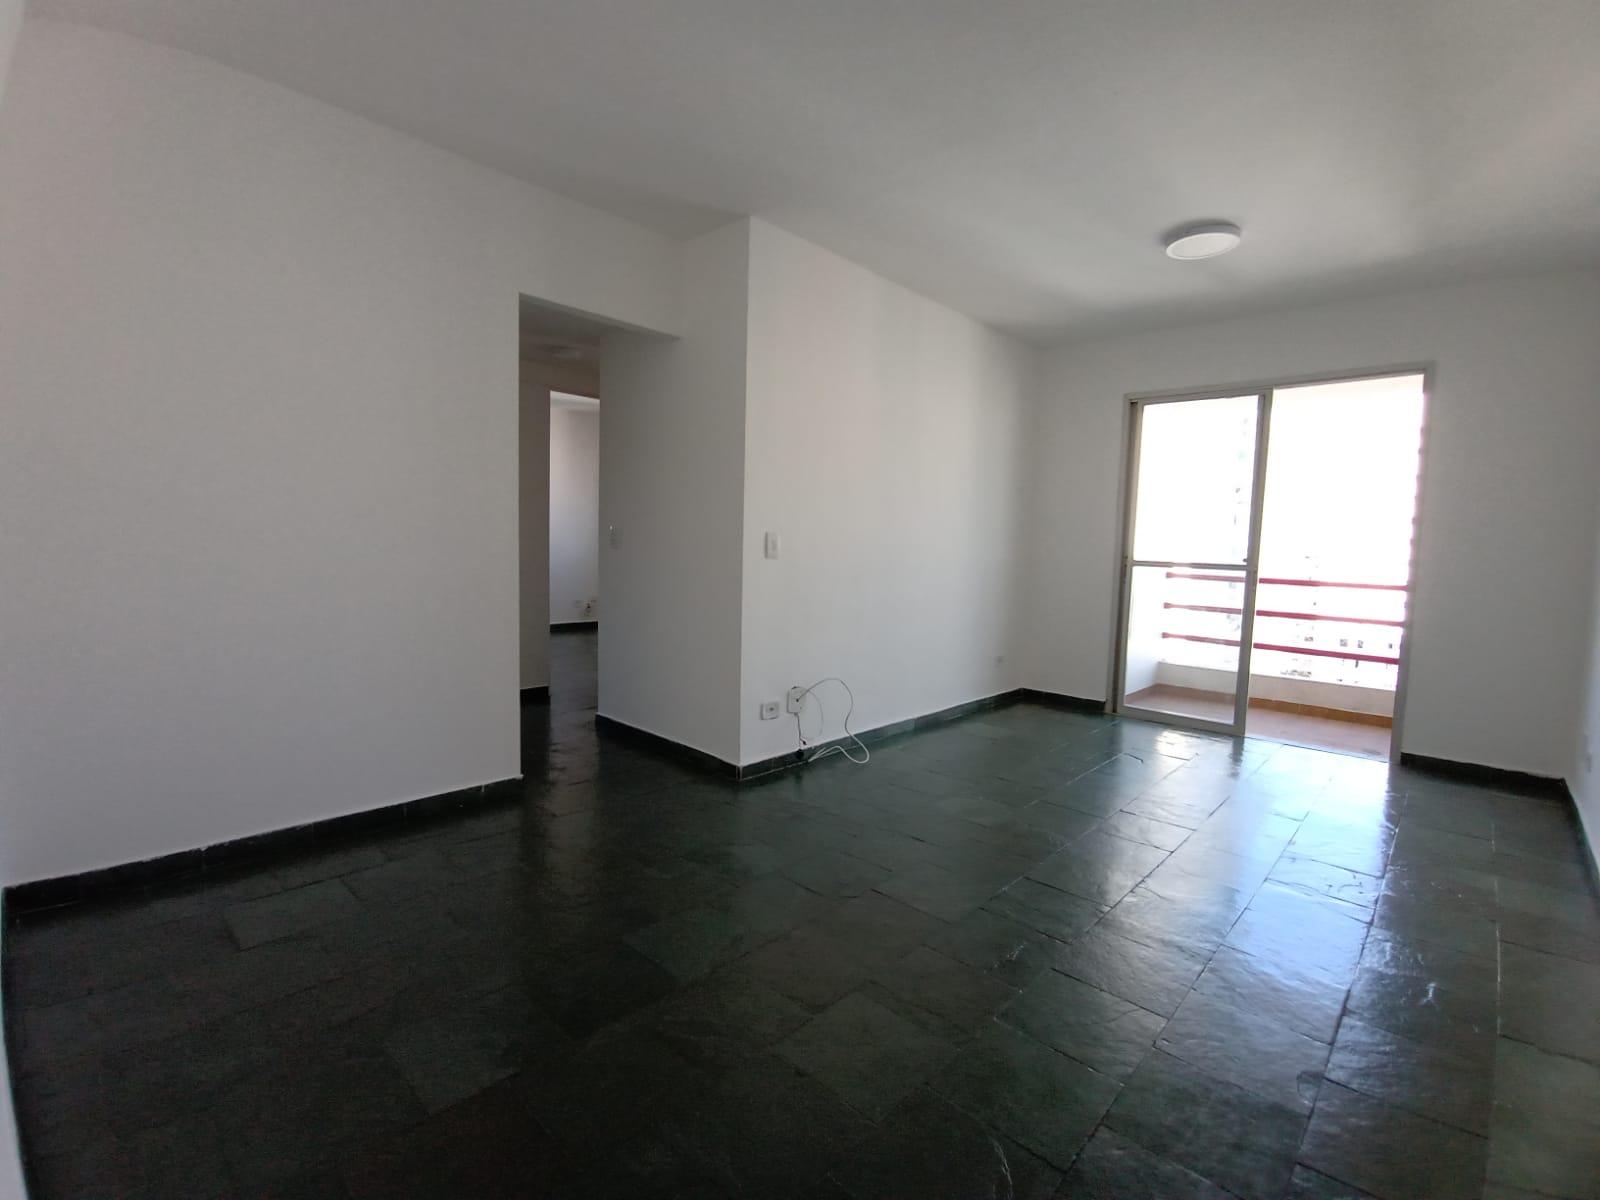 Apartamento para alugar, Jardins, Sao paulo